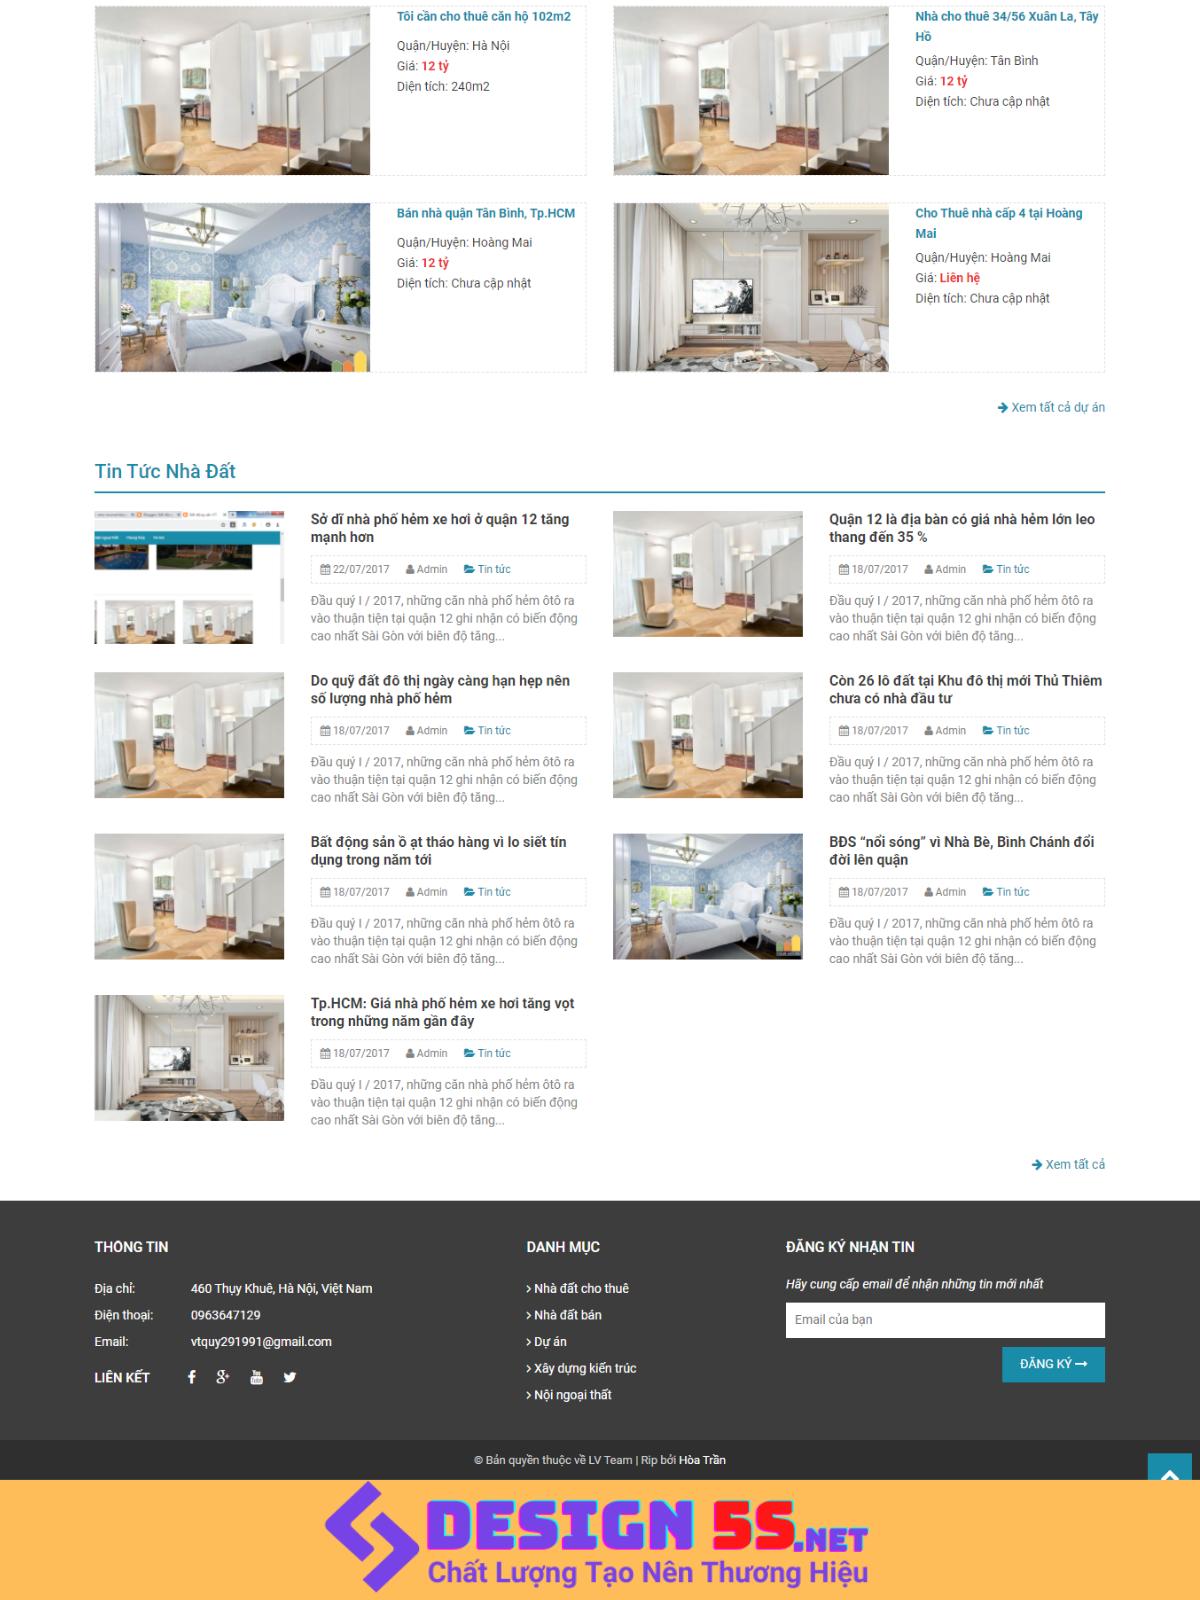 Template Blogspot bất động Sản Miễn Phí Tốt nhất - Ảnh 2